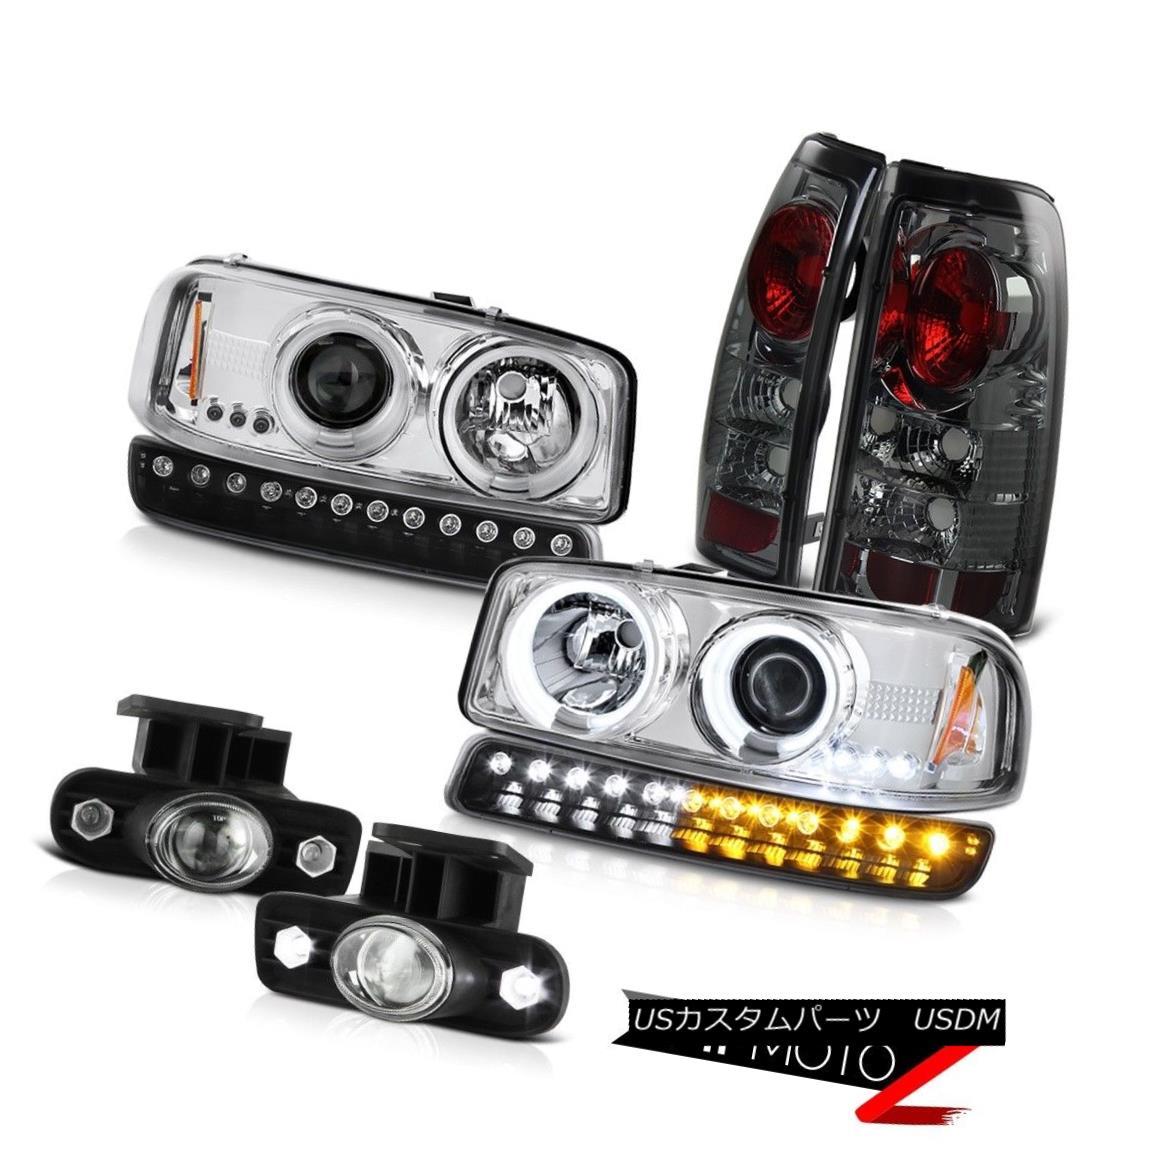 テールライト 99-02 Sierra SLE Fog lamps titanium smoke taillamps signal light ccfl headlights 99-02シエラSLEフォグランプチタン煙テールランプ信号光ccflヘッドライト